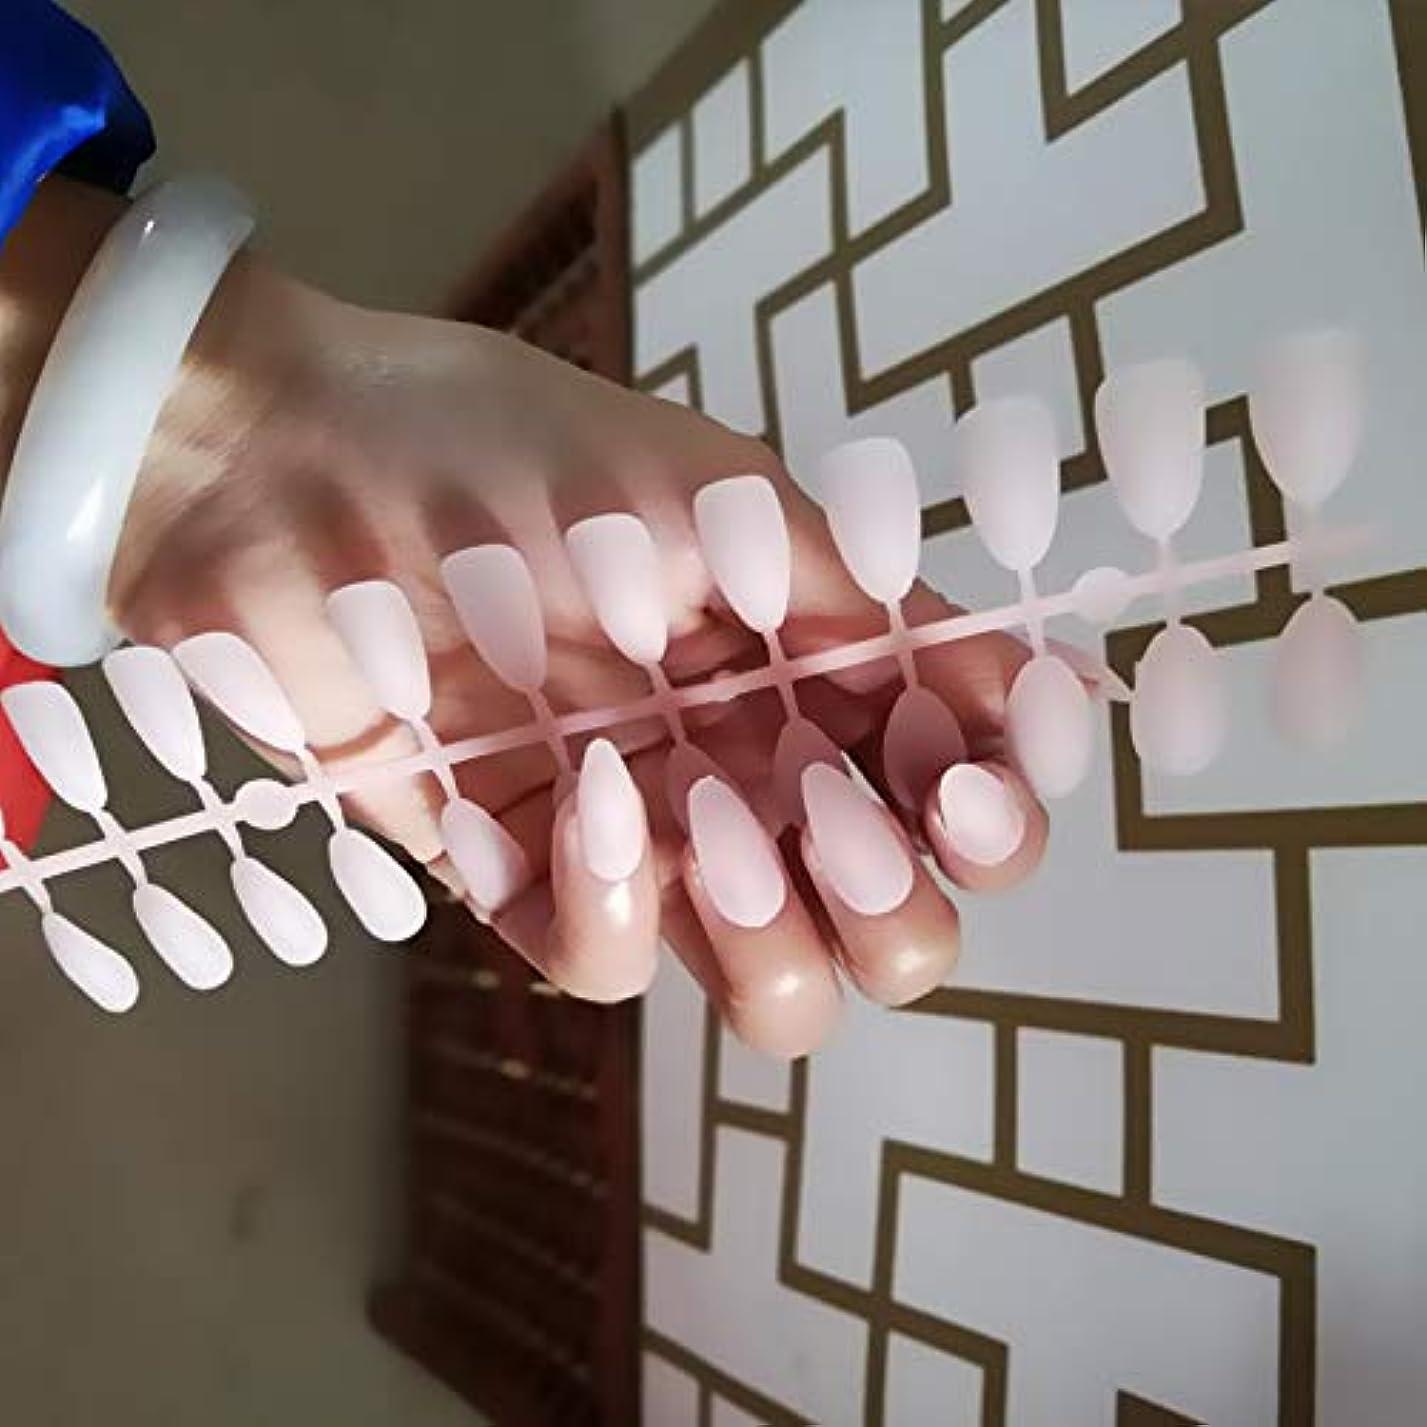 放射するコントローラサリーXUTXZKA のり付きロングネイルロングサイズソリッドカラーネイルプレスネイルチップヒントアクセサリー24個